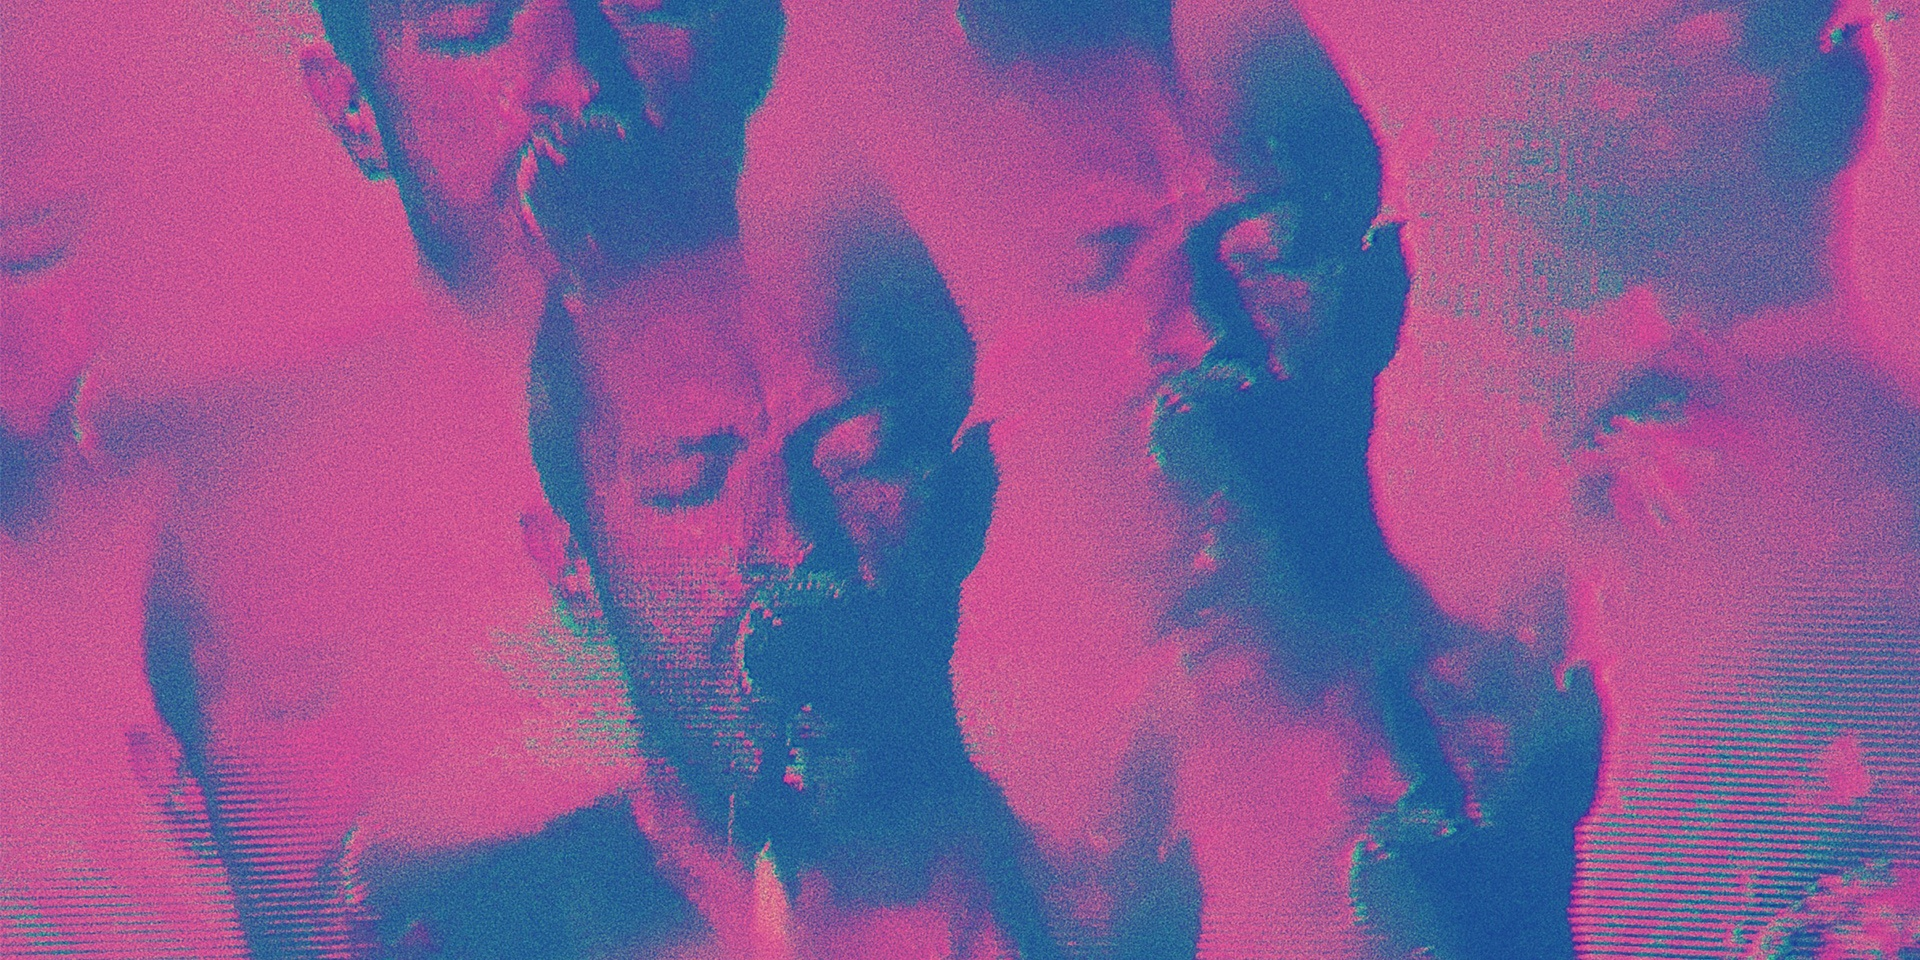 Coldplay's Manila concert, as seen through social media